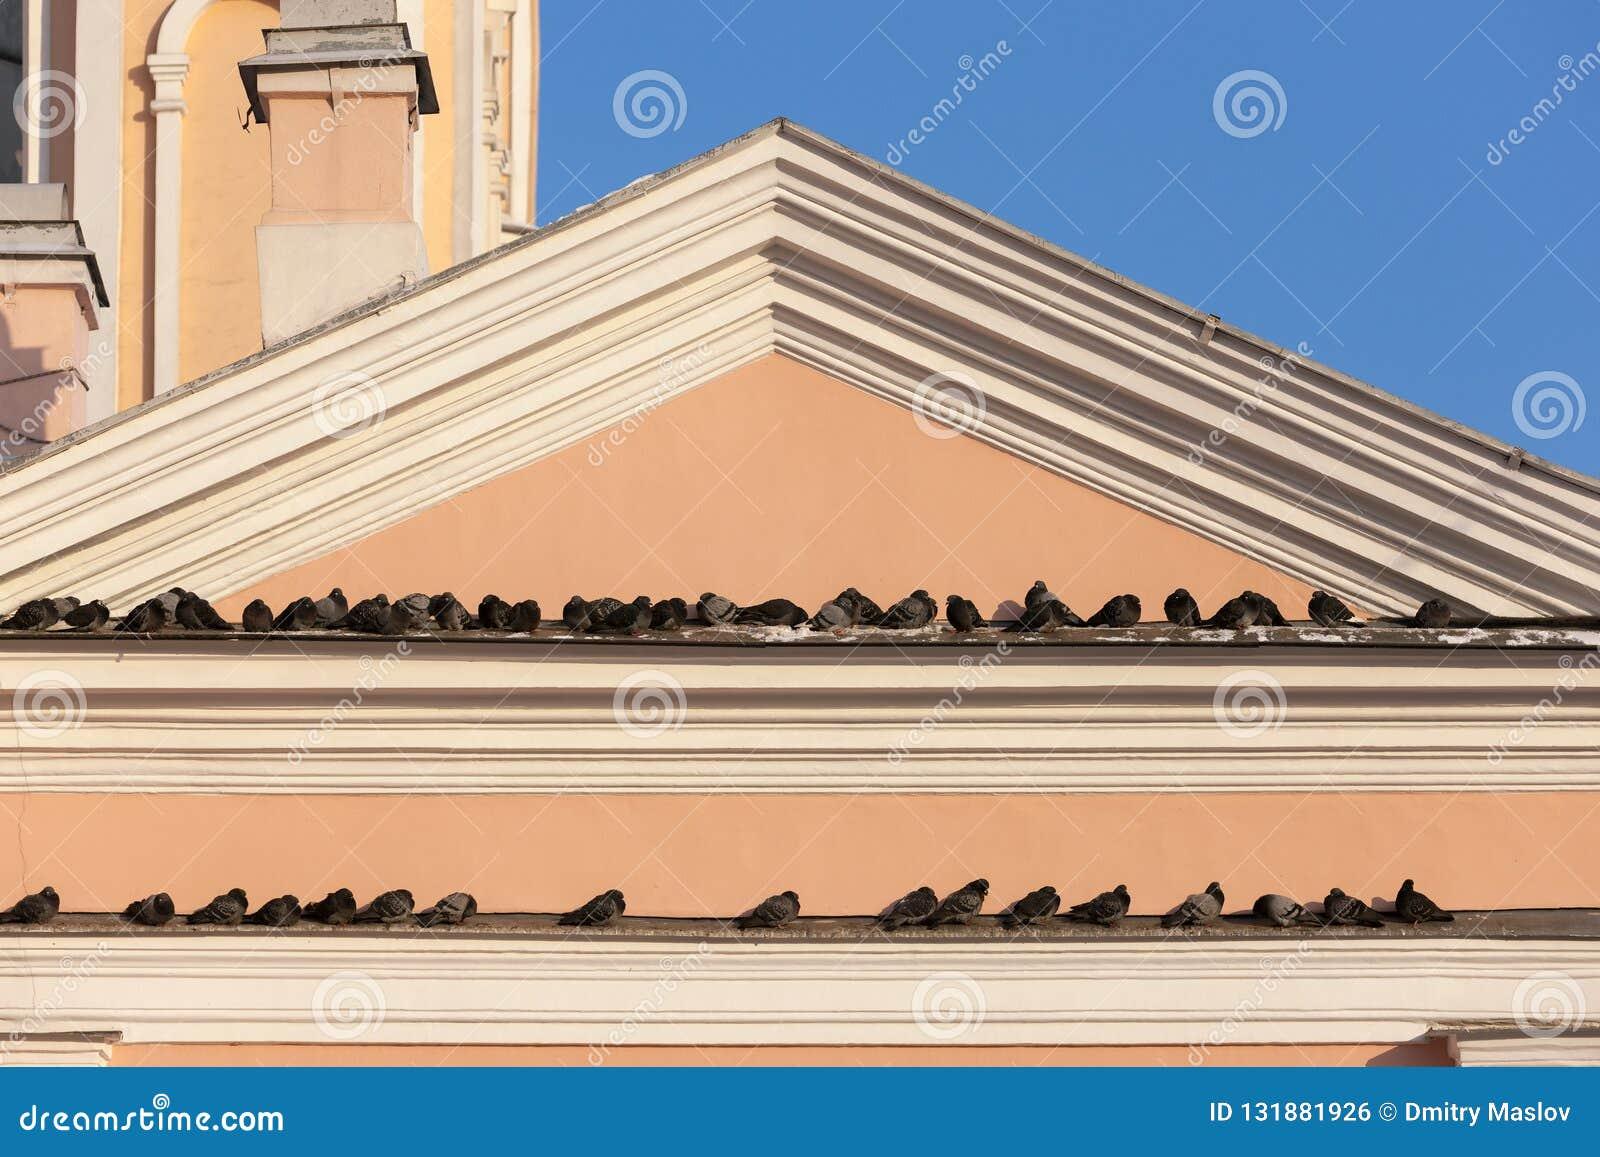 Troupeau des pigeons sur les gouttières